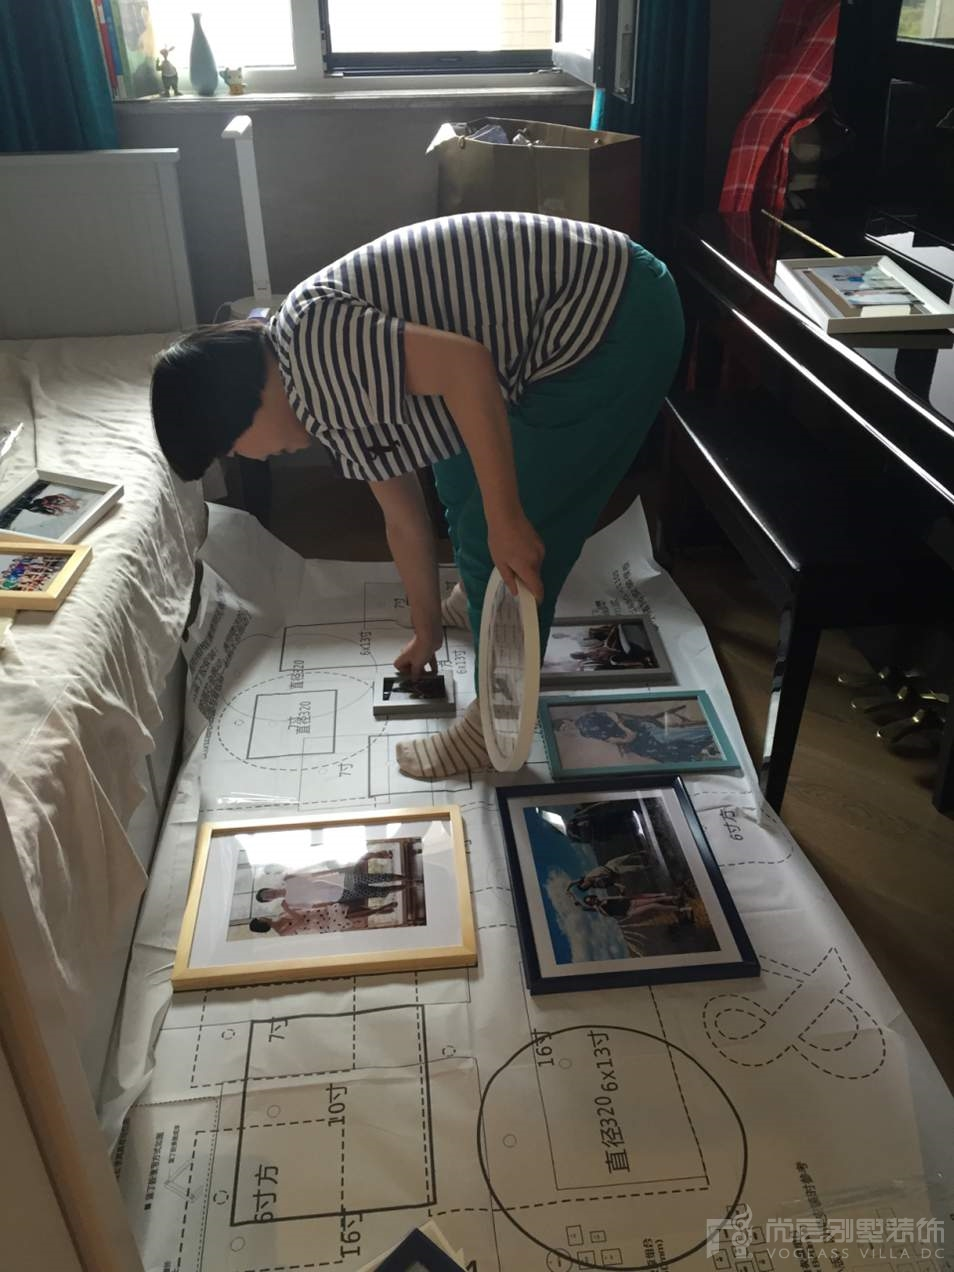 江苏快3网上信誉平台_江苏快3网上投注网站配饰设计师李露露在认真的工作